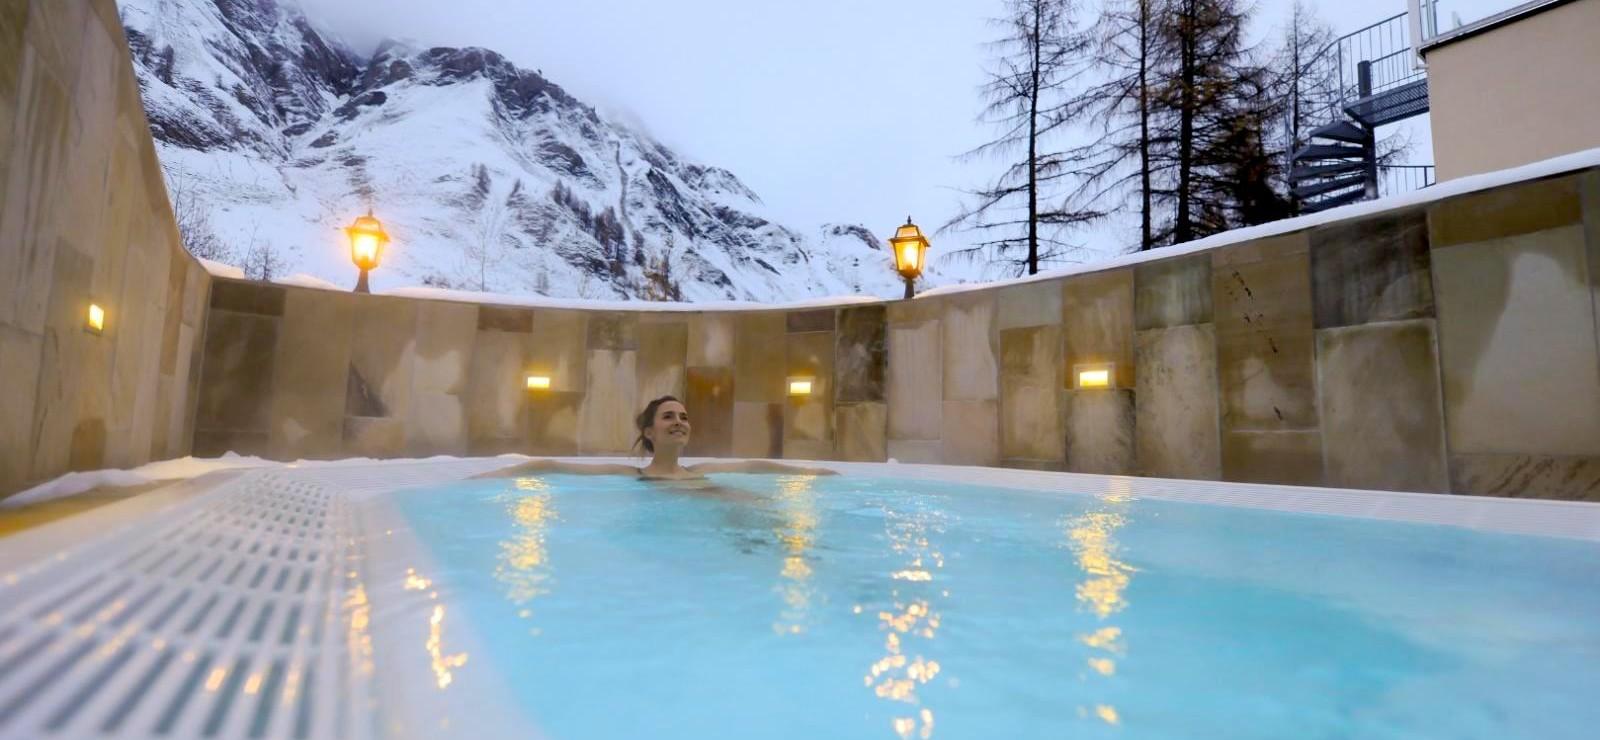 Chasa Montana Hotel & Spa Bilder | Bild 1